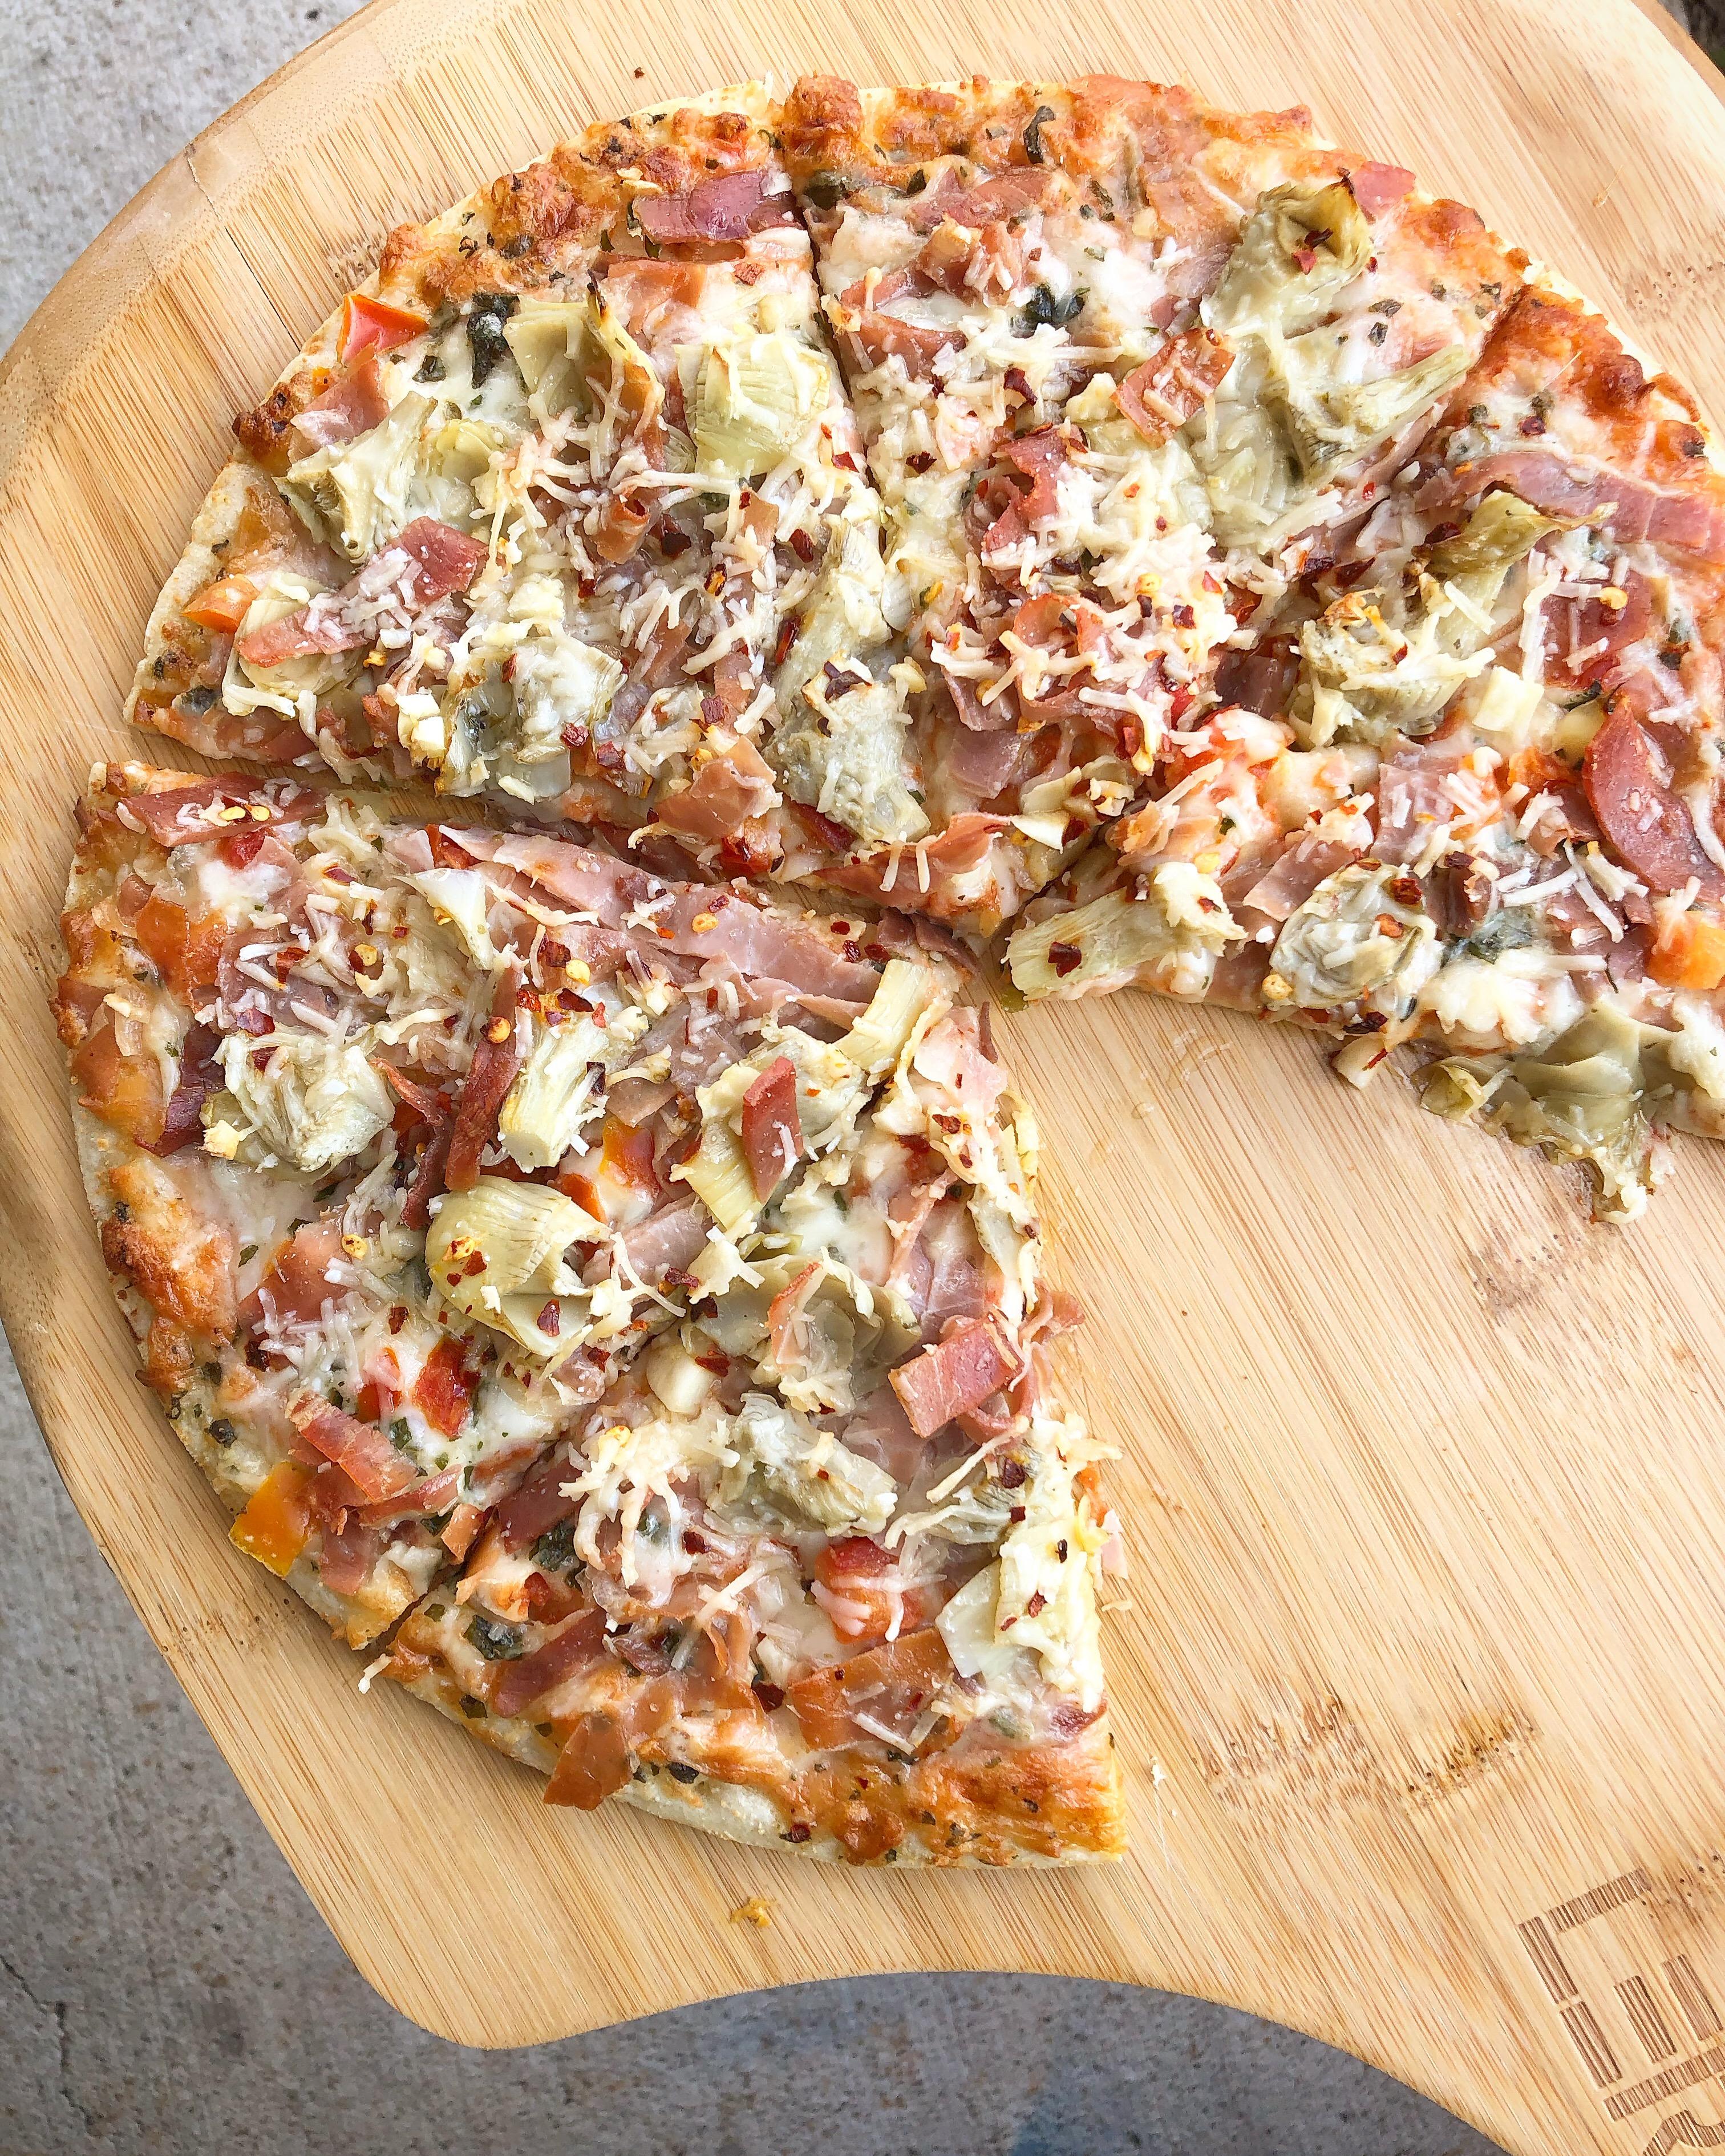 Prosciutto-Artichoke Pizza LazyFoodieGirl